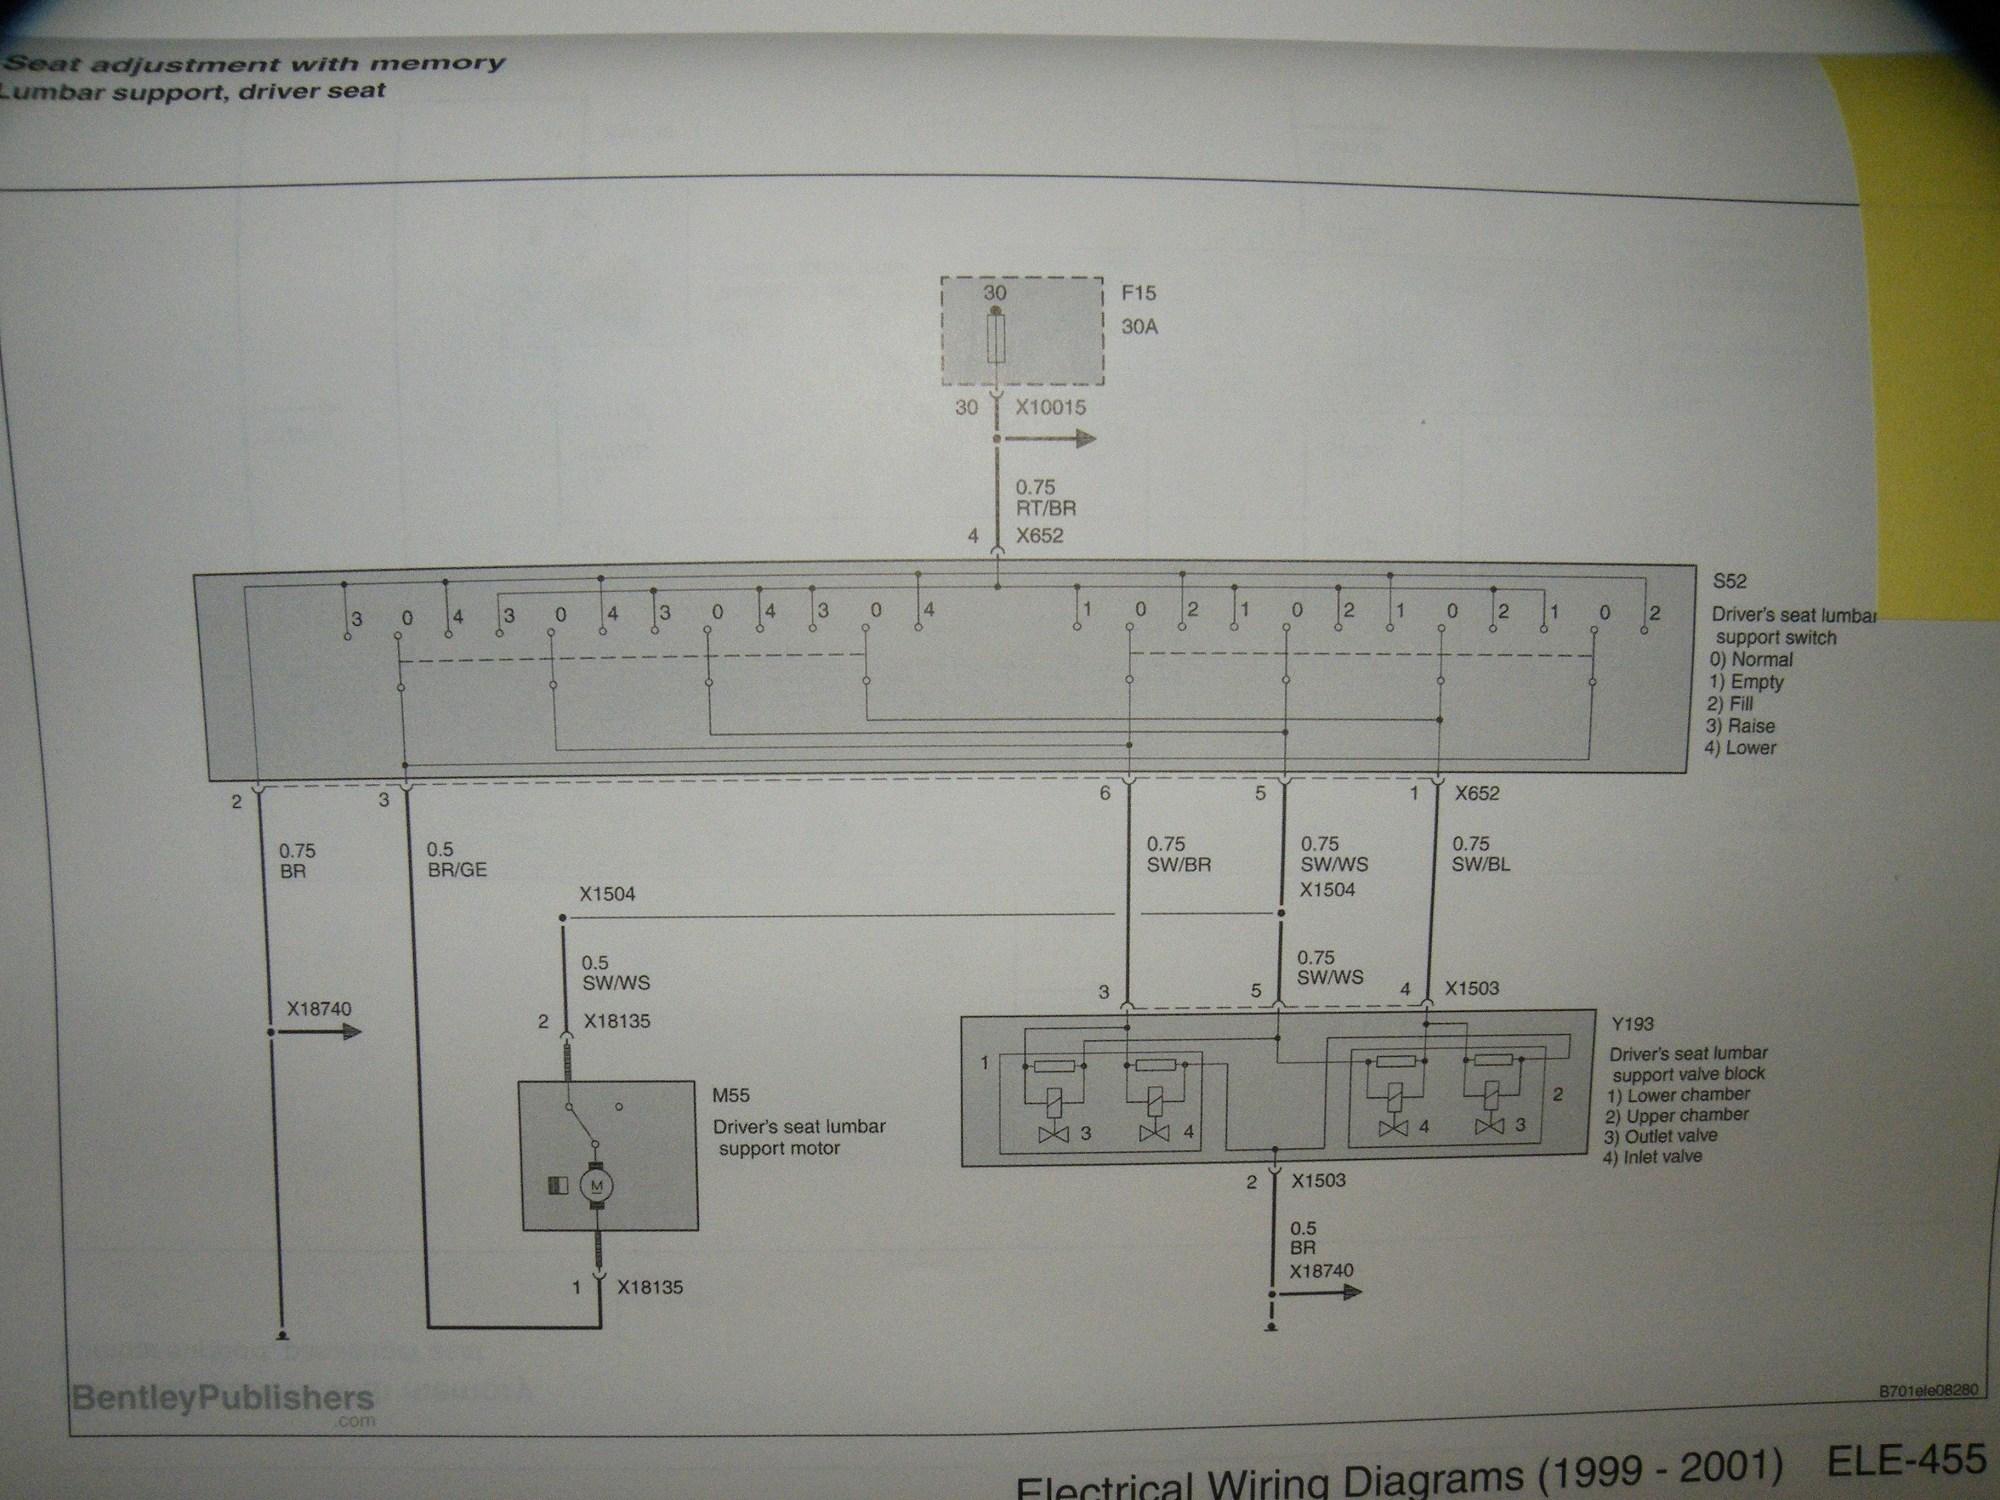 Siege électrique Bmw e38 - Page 3 Dscf3216